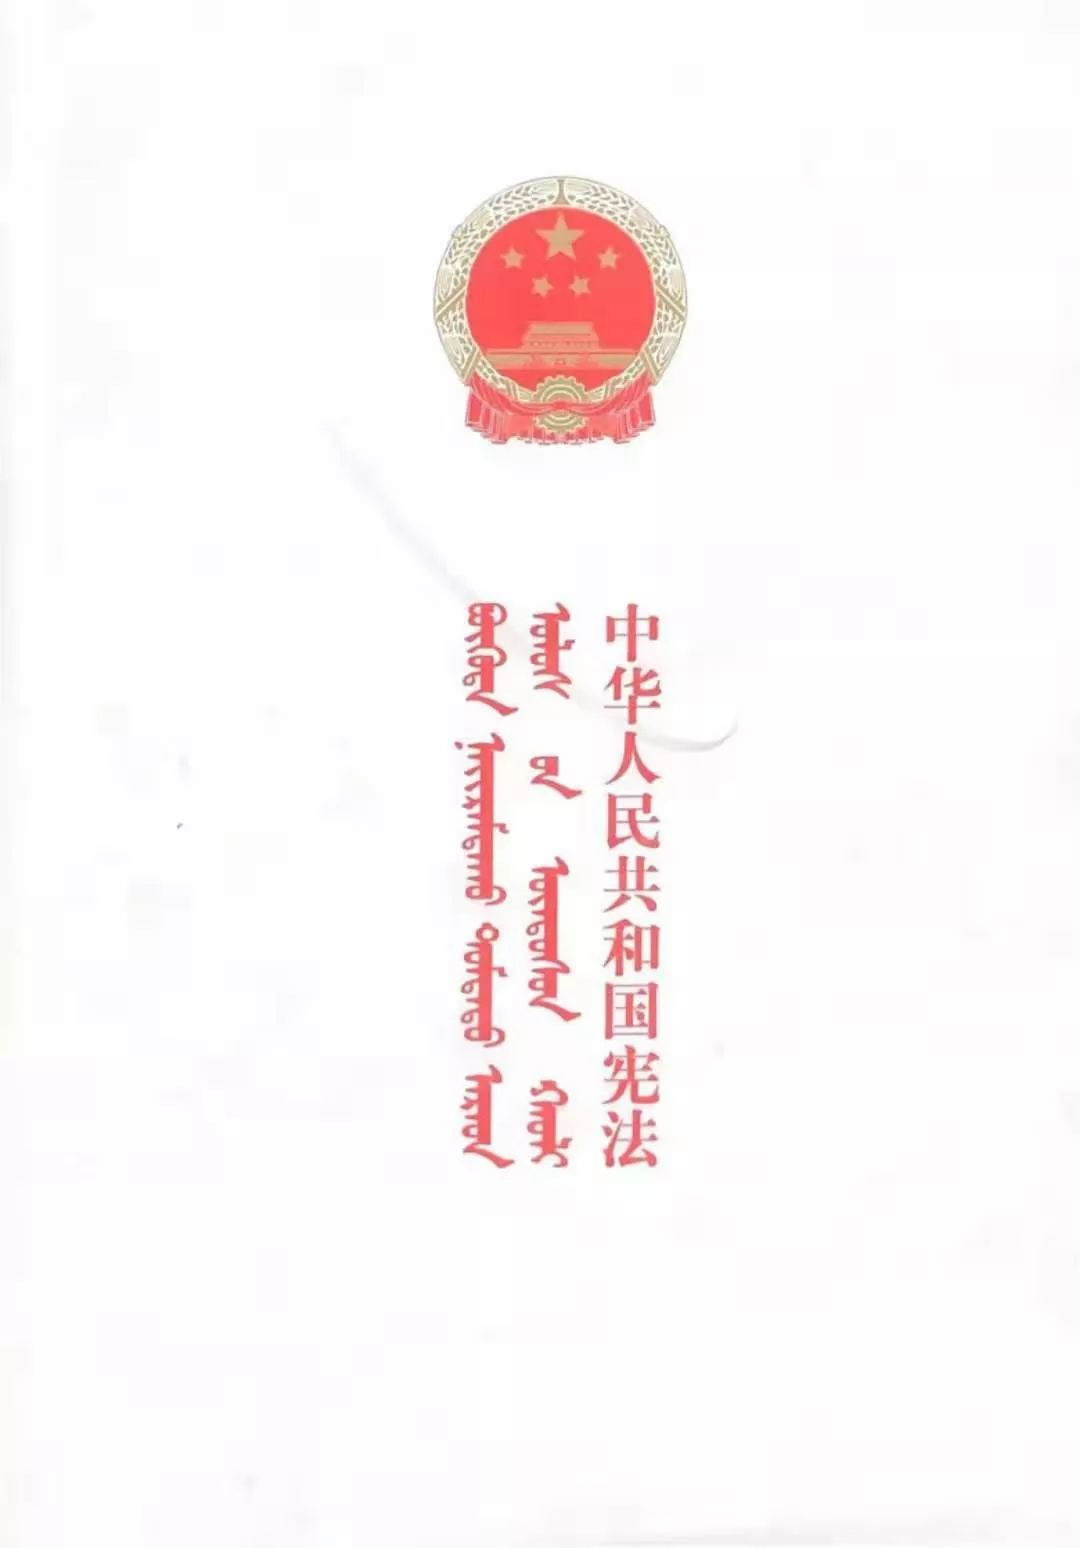 【民族政策宣传月】中华人民共和国宪法(一) 第1张 【民族政策宣传月】中华人民共和国宪法(一) 蒙古文库